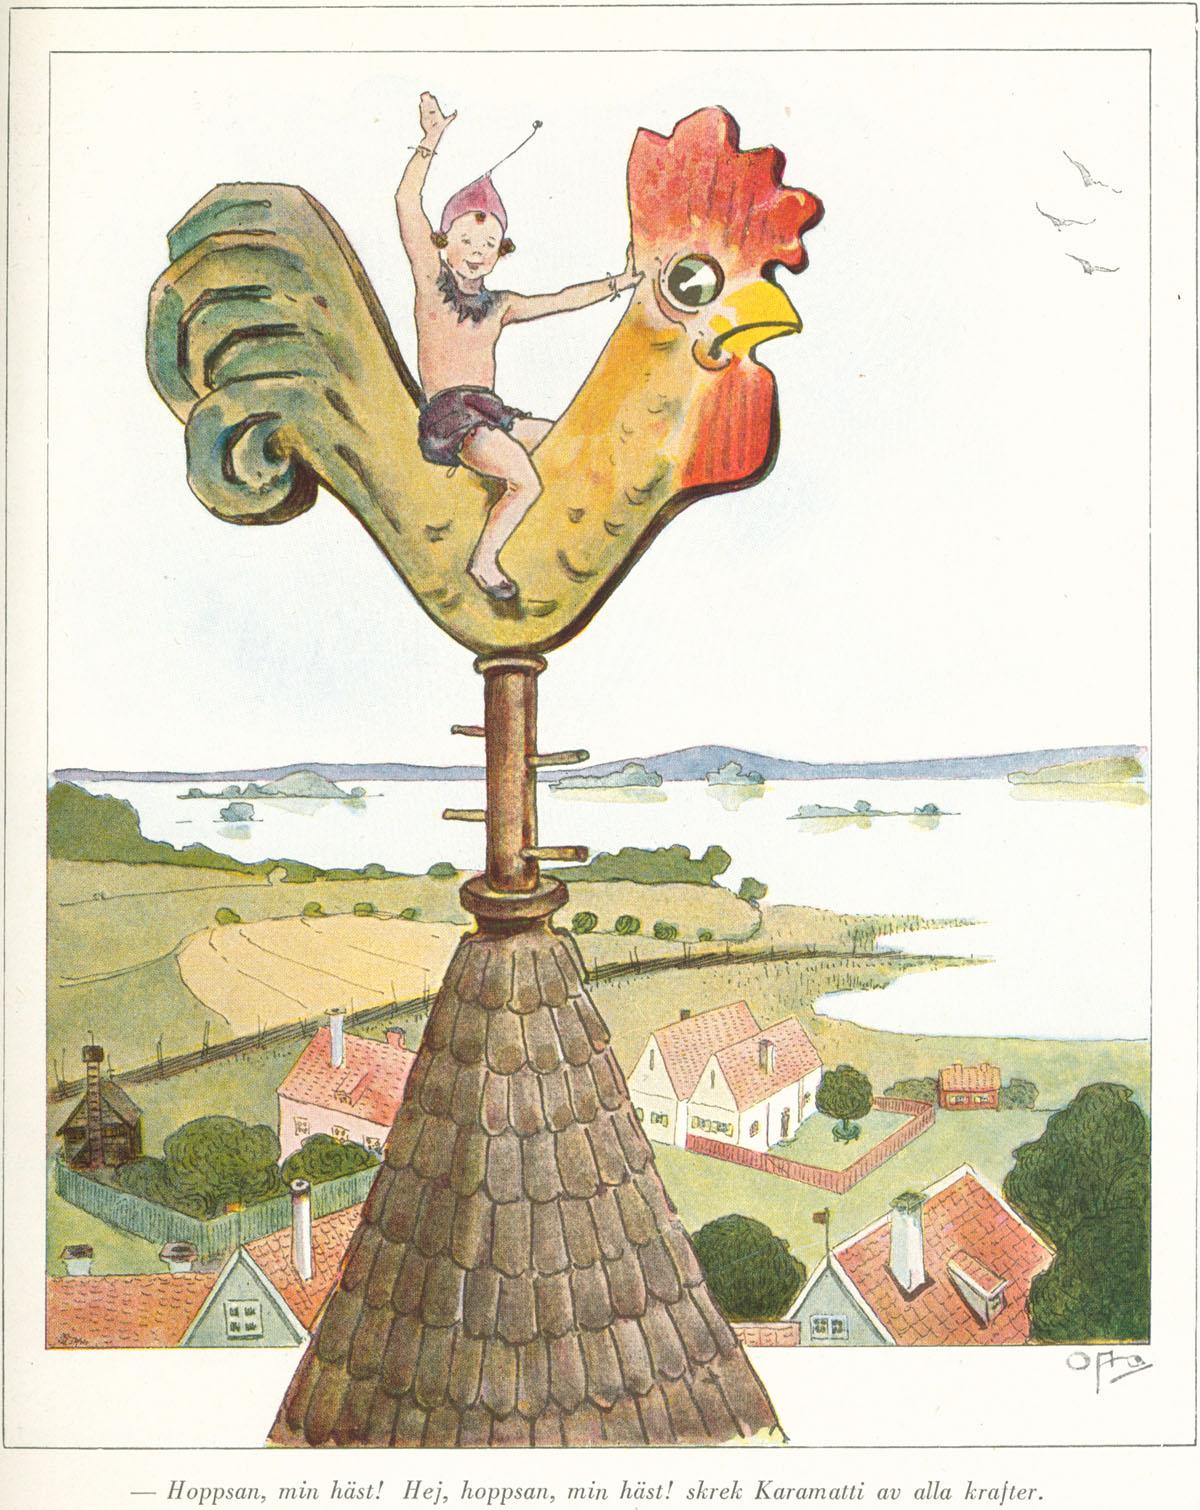 Ottilia Adelborg - Kyrktuppen dal libro di  Zacharias Topelius - Läsning för barn